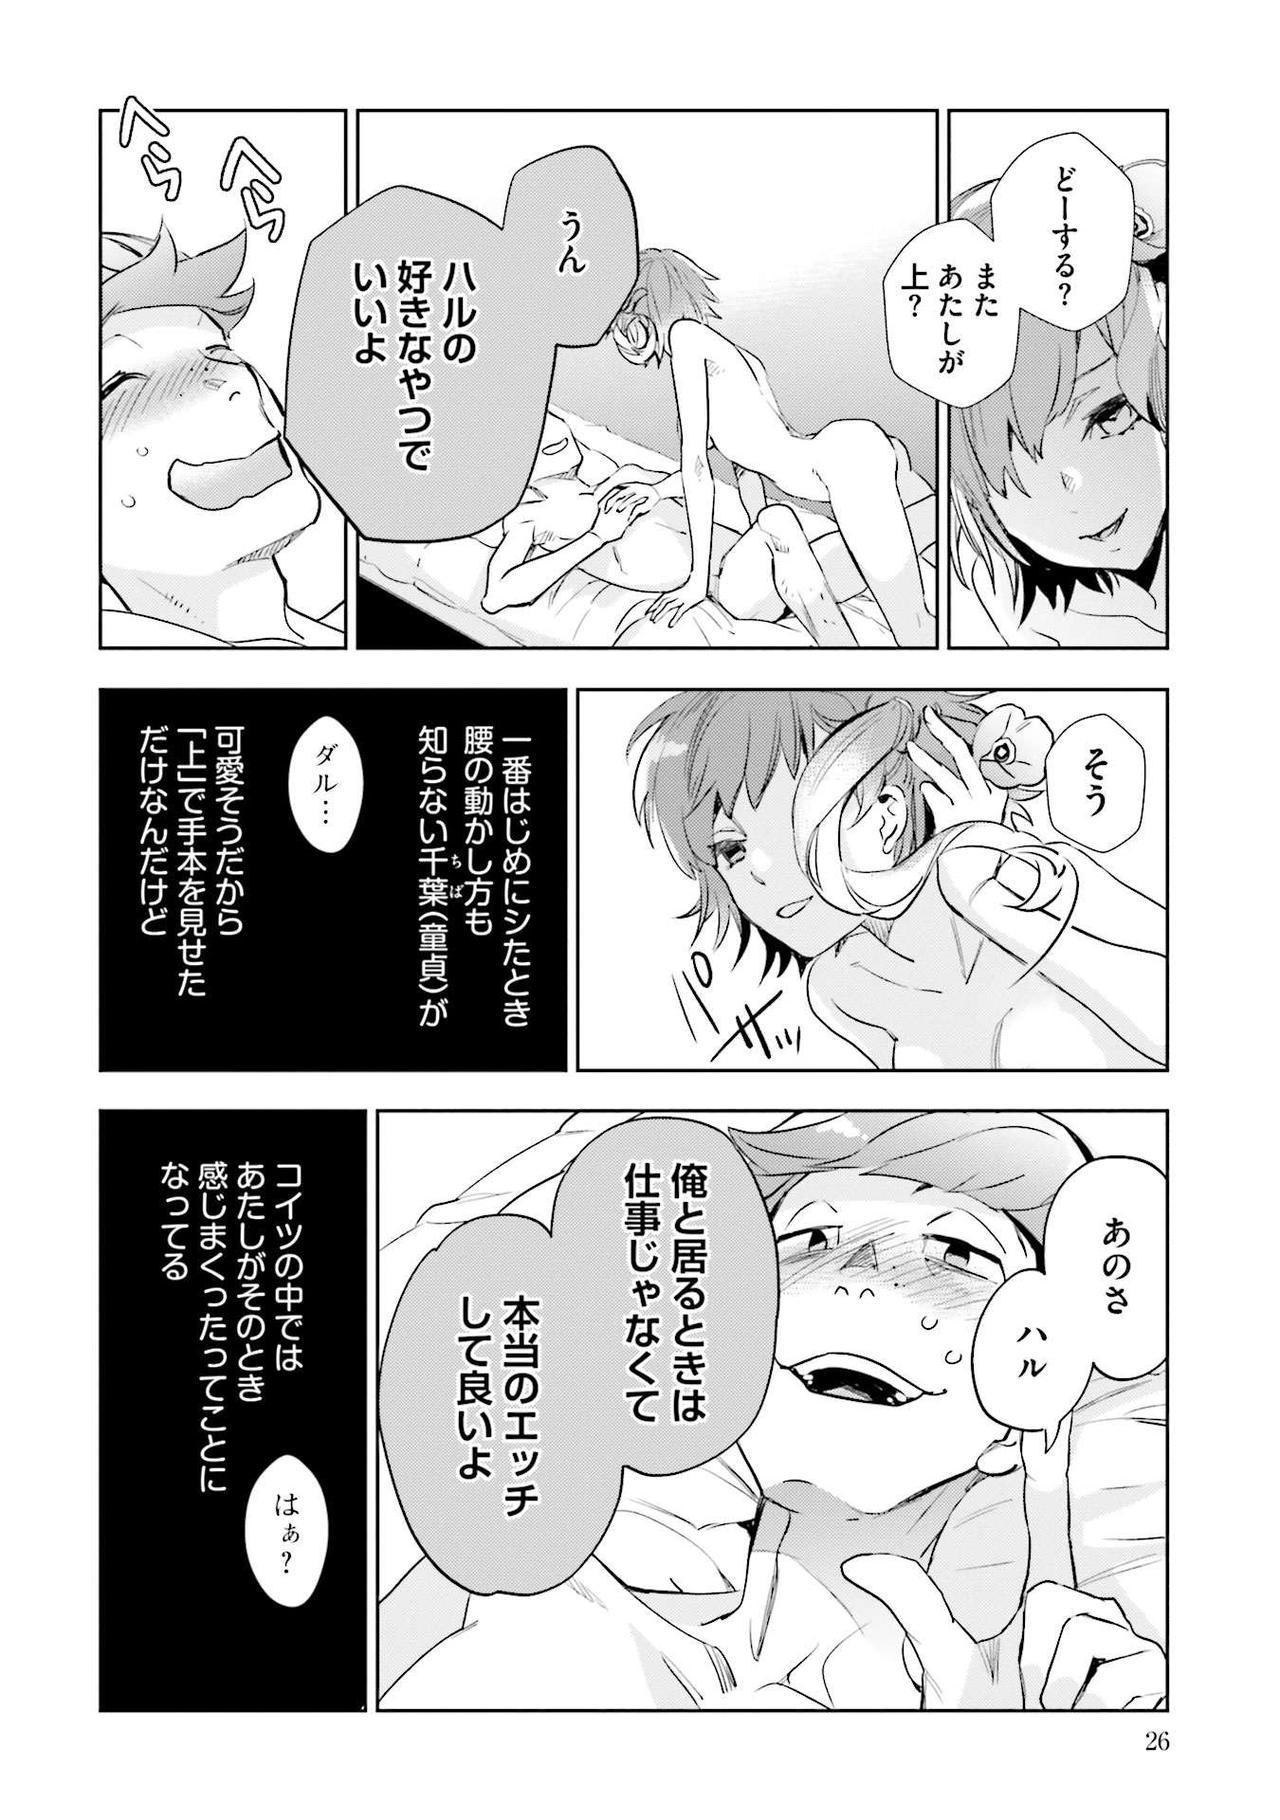 JK Haru wa Isekai de Shoufu ni Natta 1-14 27